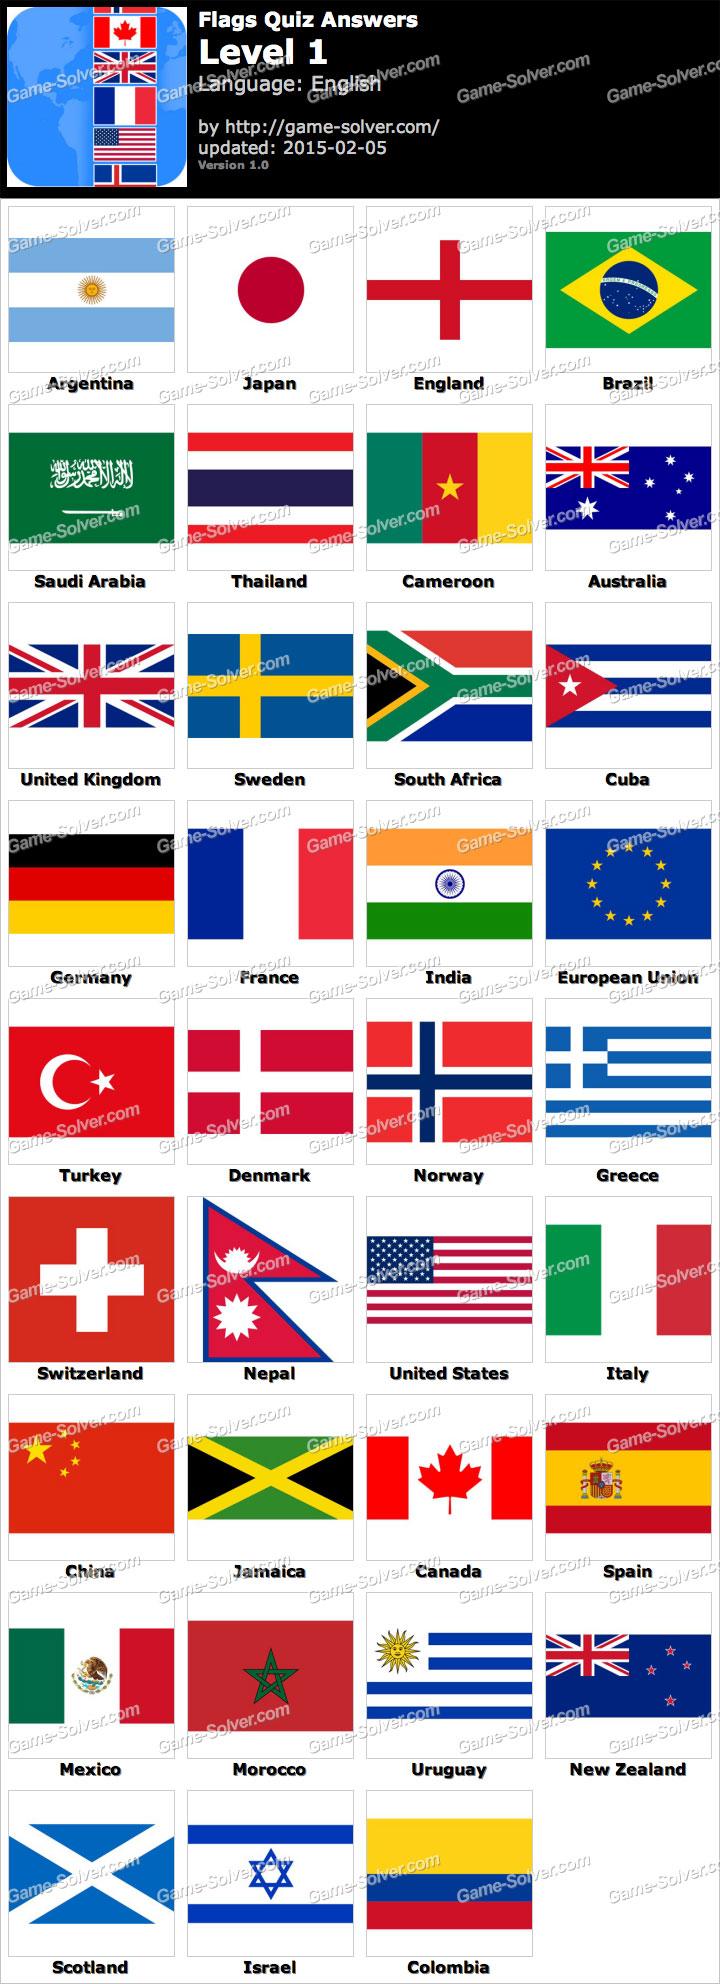 Flags Quiz Level 1